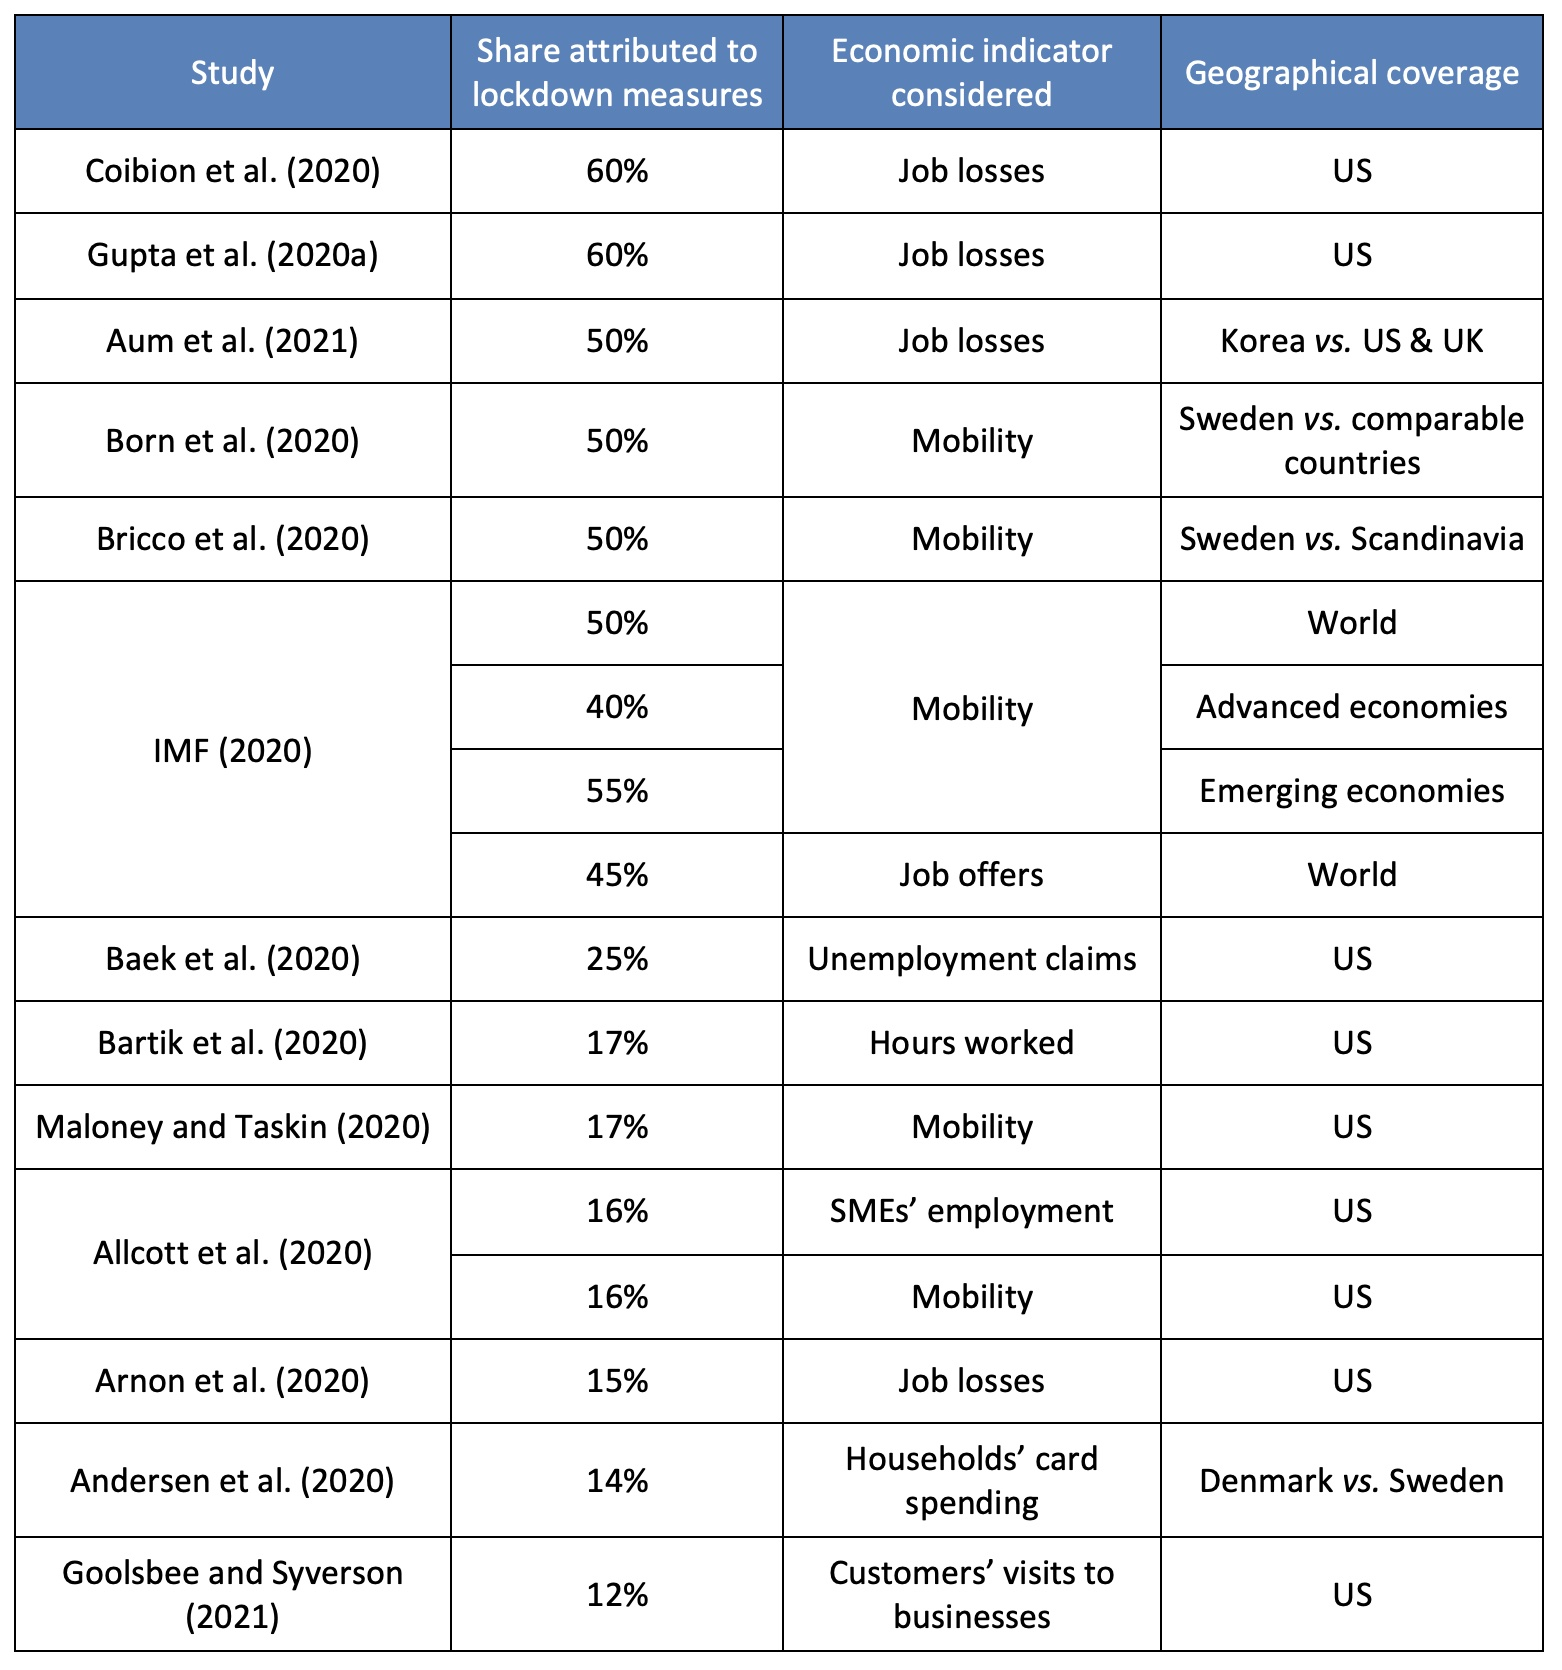 Chuyên gia kinh tế Ngân hàng Trung ương Pháp chỉ ra bài học lớn về chống dịch: Khoanh vùng theo tuổi hoặc nghề nghiệp có tính hiệu quả cao? - Ảnh 2.